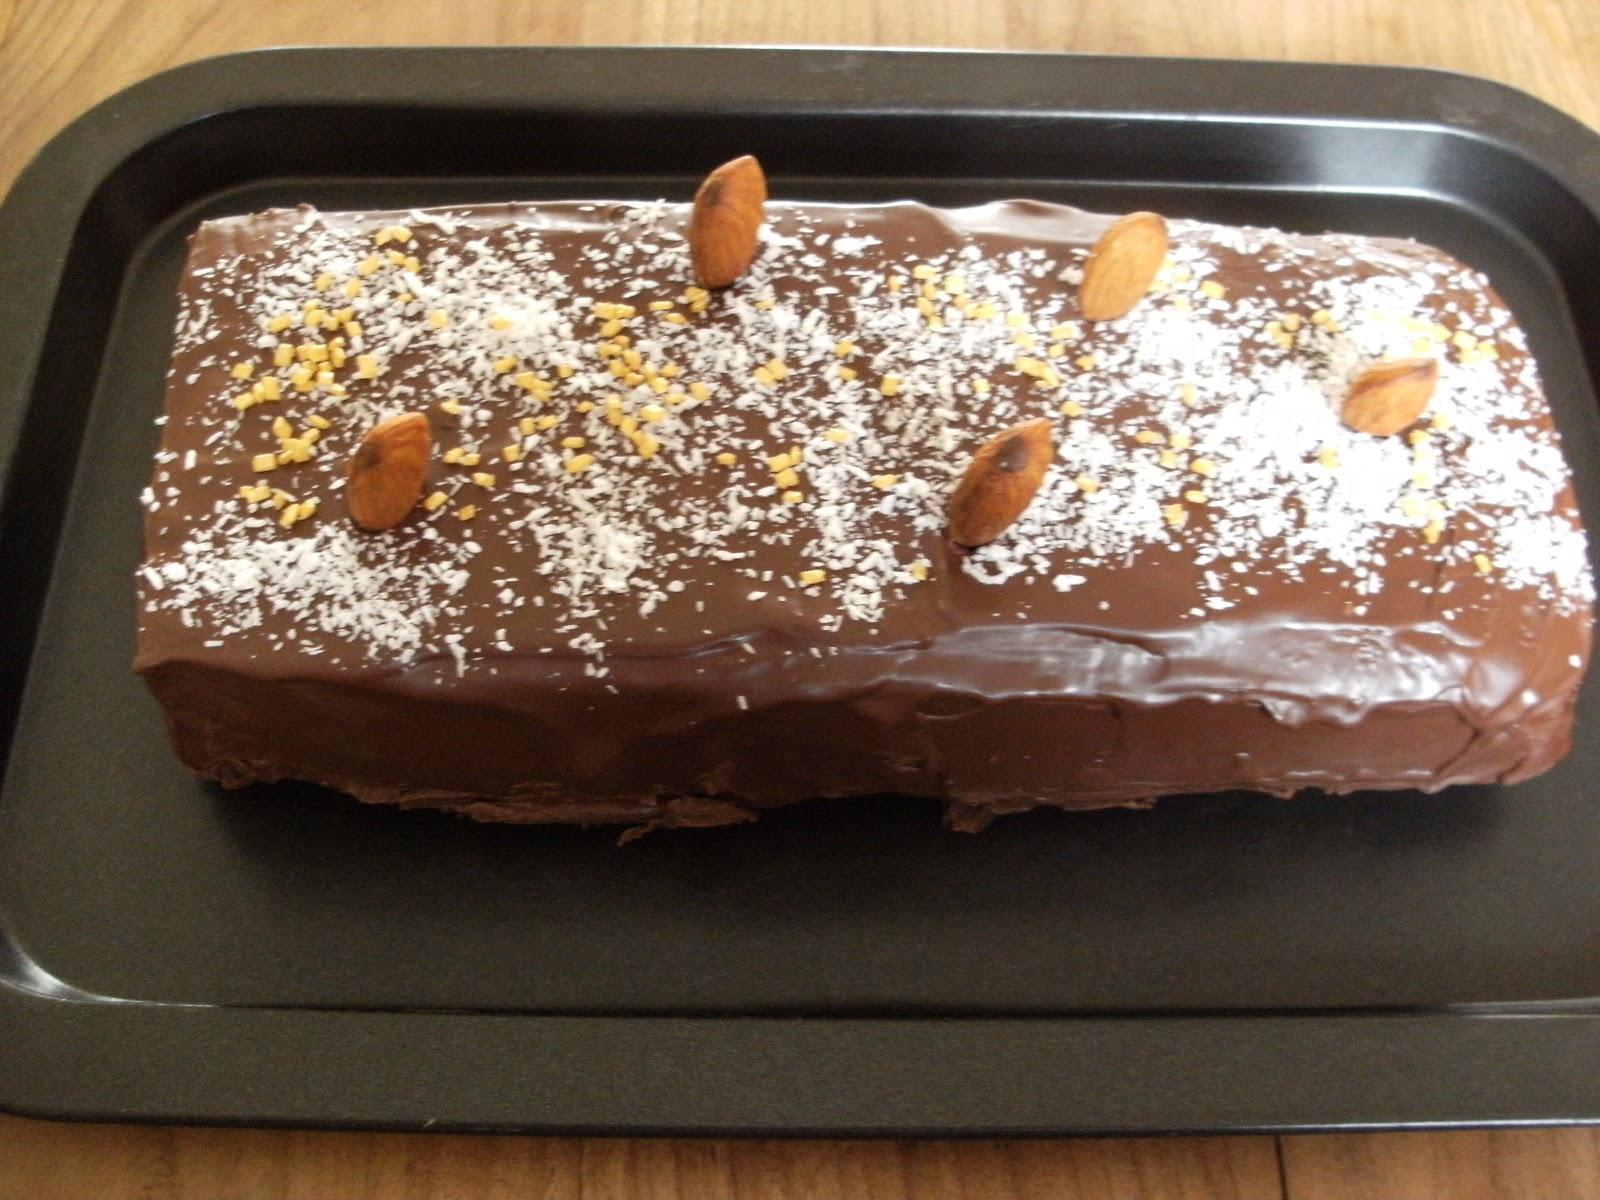 Allergique et gourmand marbr chocolat noix de coco - Cuisinez gourmand sans gluten sans lait sans oeufs pdf ...